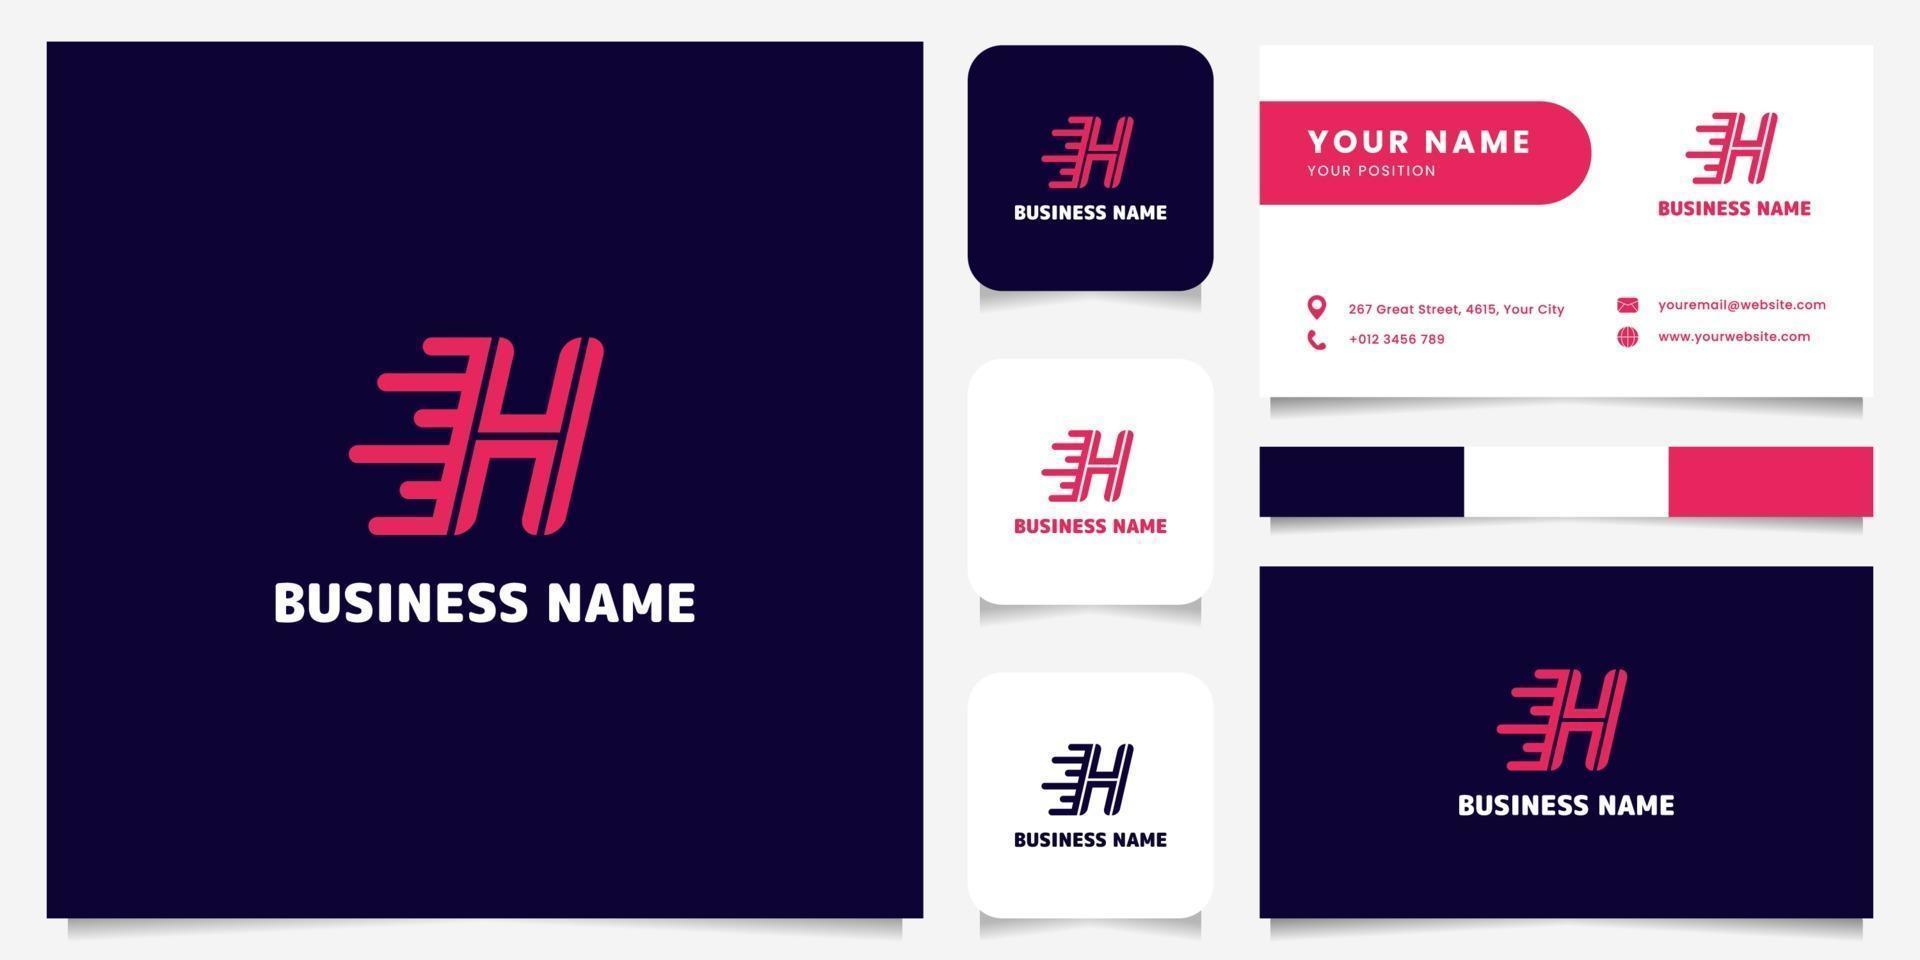 logo di velocità lettera h rosa brillante semplice e minimalista nel logo di sfondo scuro con modello di biglietto da visita vettore